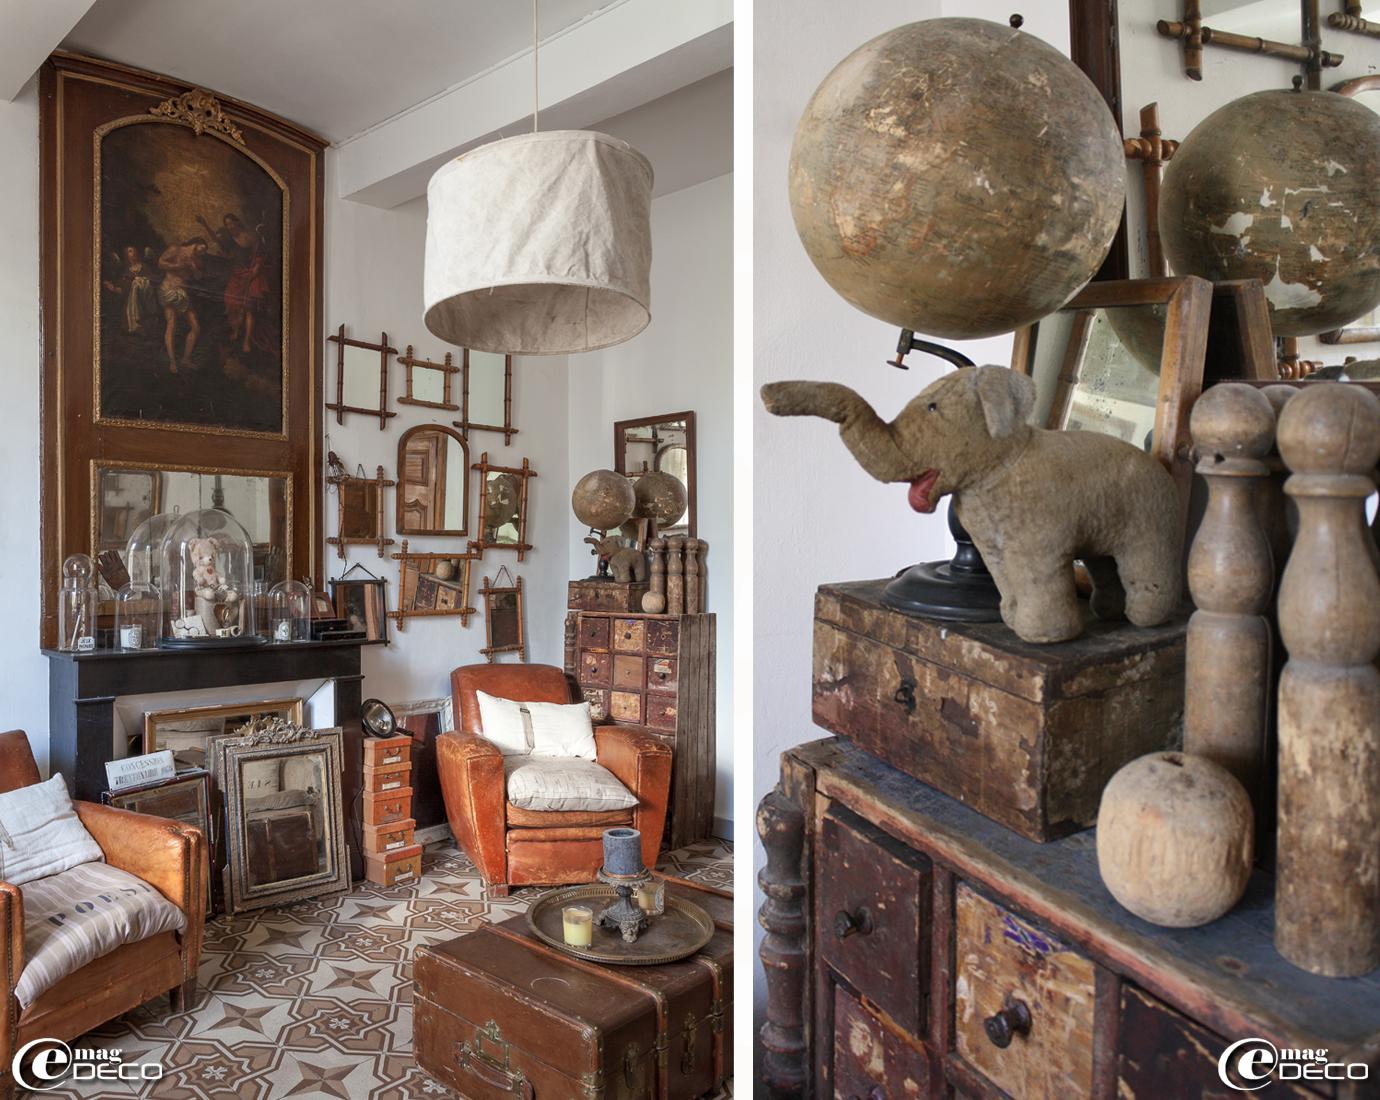 Dans un ancien appartement à Uzès, un trumeau décoré d'une peinture religieuse, lustre en bâche, boutique 'Clair de Lune', meuble de métier, globe, éléphant en peluche et jeu de quilles en bois